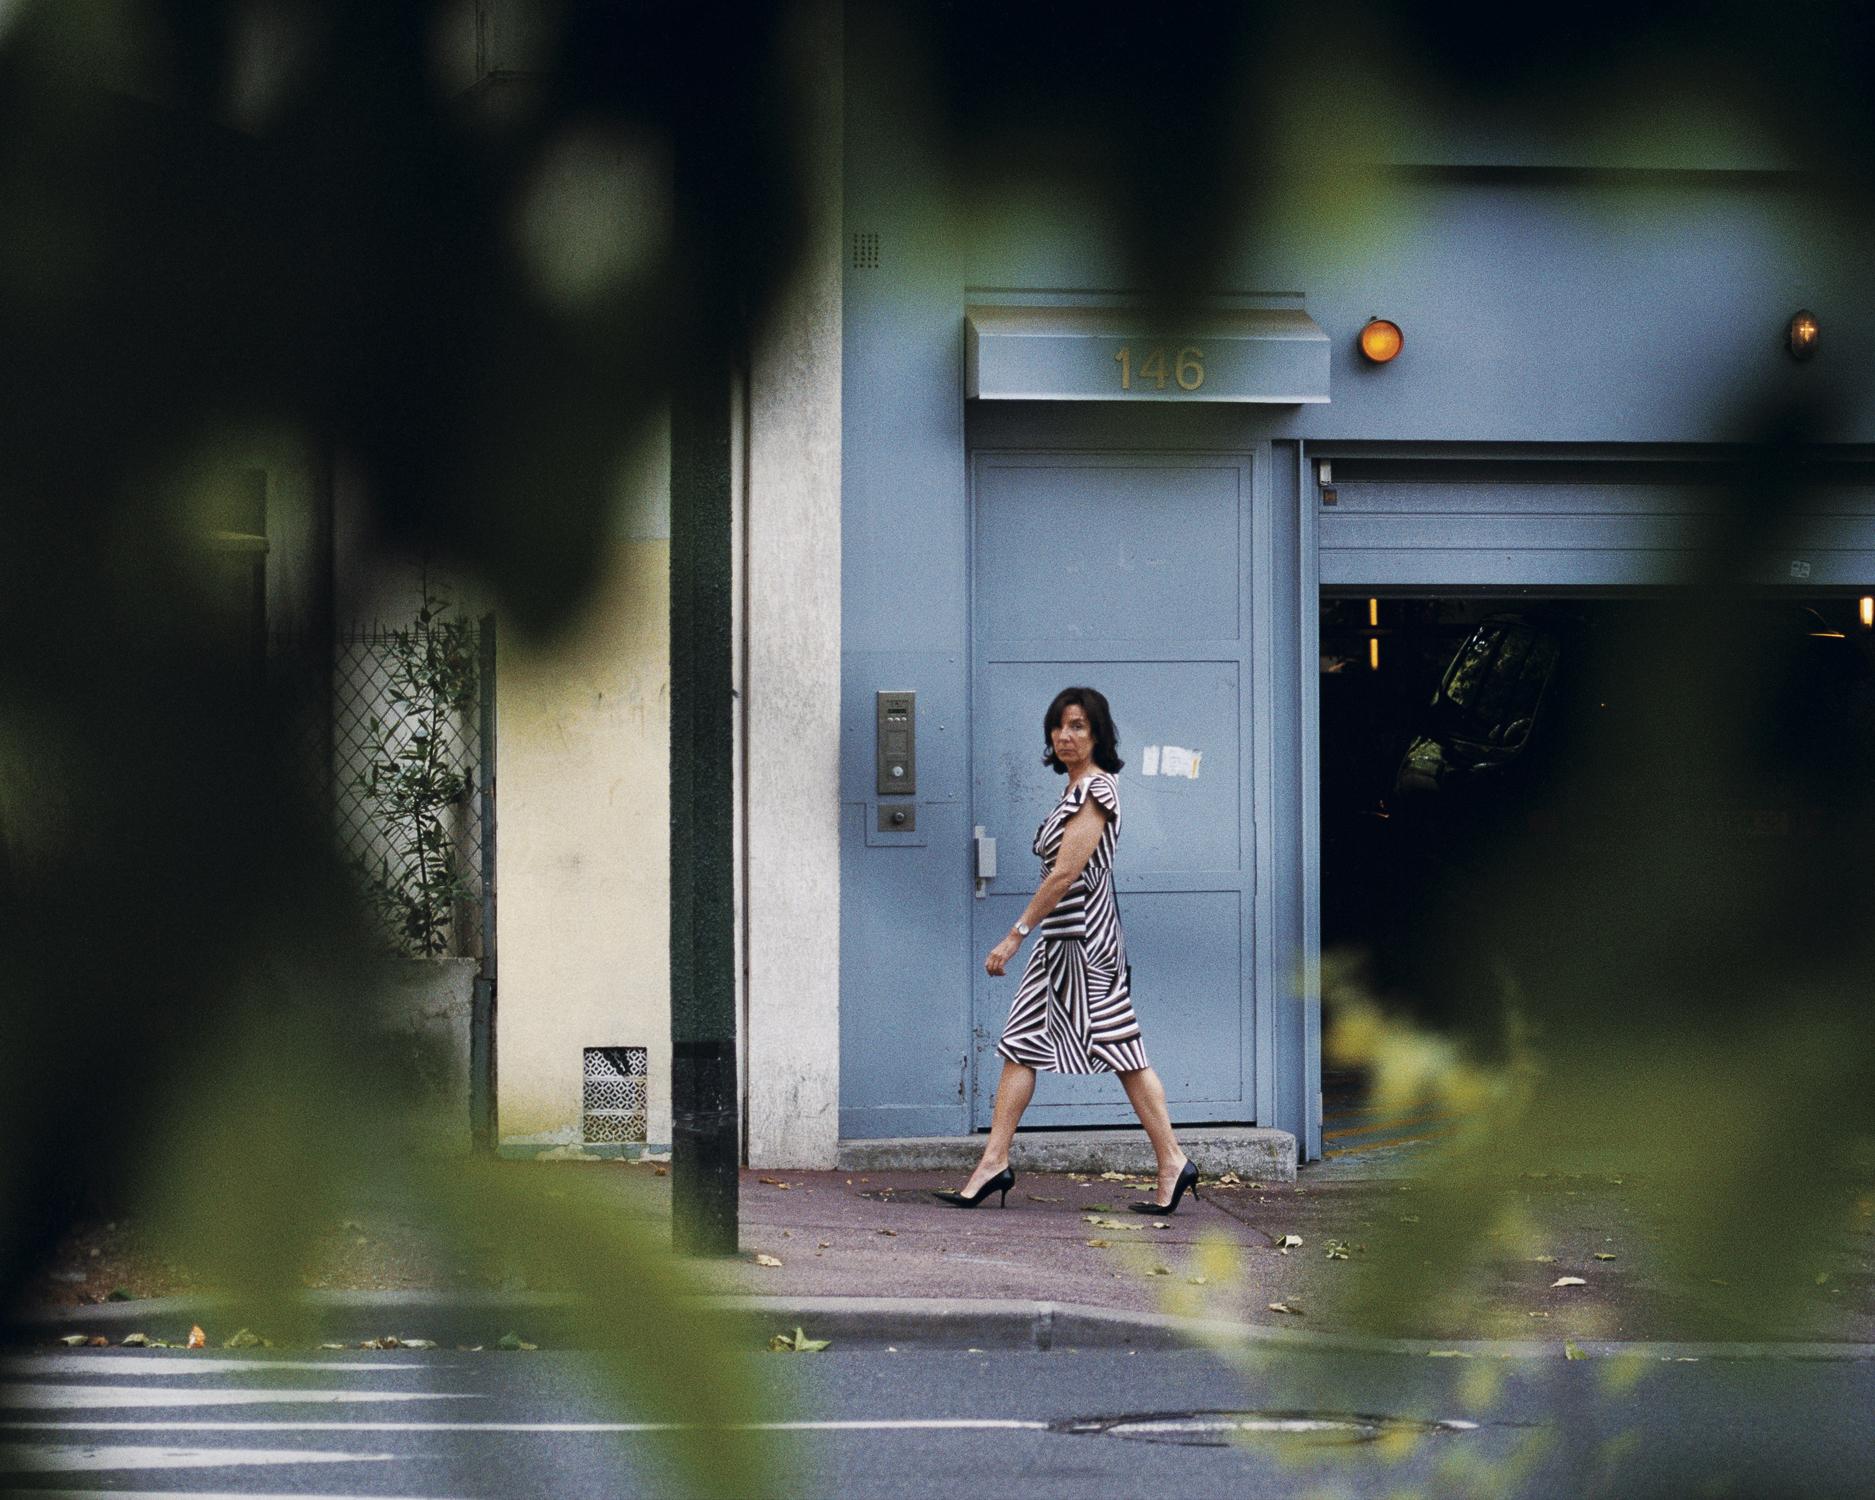 Sophie Calle, 2004 Paris, France